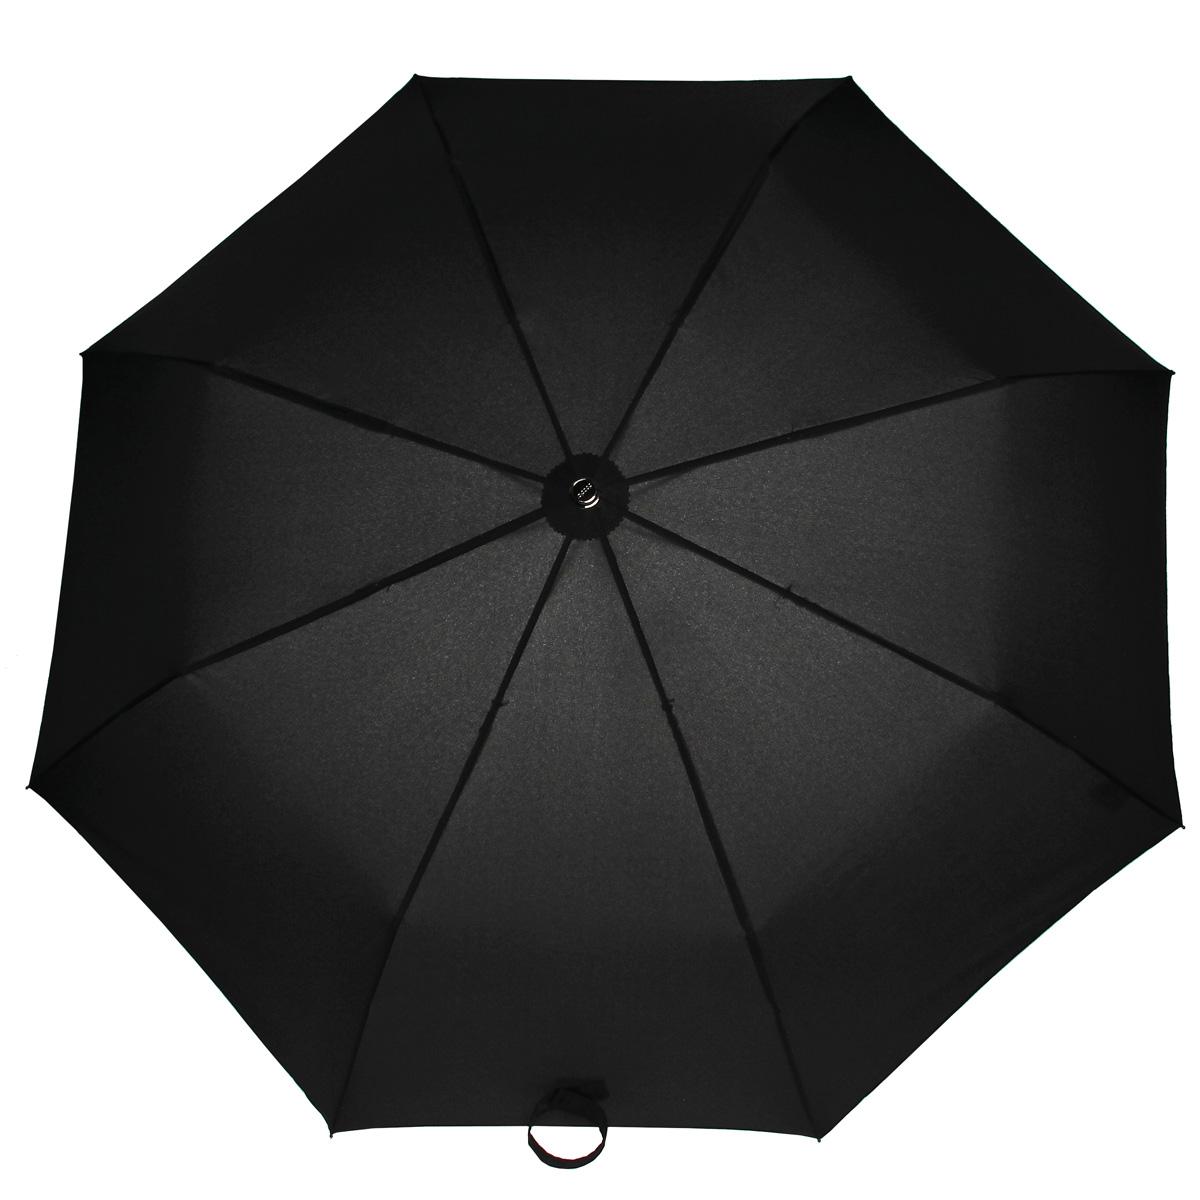 Зонт мужской Doppler, автомат, 3 сложения, цвет: черный. 74667GFG74667GFG blackКлассический автоматический зонт Doppler в 3 сложения отлично подойдет для ненастной погоды. Каркас зонта, исполненный из стали, состоит из восьми карбоновых спиц и прочного стержня. Купол зонта выполнен из полиэстера и исполнен в лаконичном стиле. Изделие снабжено системой Антиветер. Модель оснащена закругленной рукояткой из дерева. Зонт имеет полный автоматический механизм сложения: купол открывается и закрывается нажатием кнопки на рукоятке, стержень складывается вручную до характерного щелчка. Благодаря этому открыть и закрыть зонт можно одной рукой, что чрезвычайно удобно при входе в транспорт или помещение. Модель закрывается при помощи ремня на липучке. К зонту прилагается чехол. Стильный зонт - незаменимая вещь в гардеробе каждого мужчины. Он не только надежно защитит от дождя, но и прекрасно дополнит ваш элегантный образ.